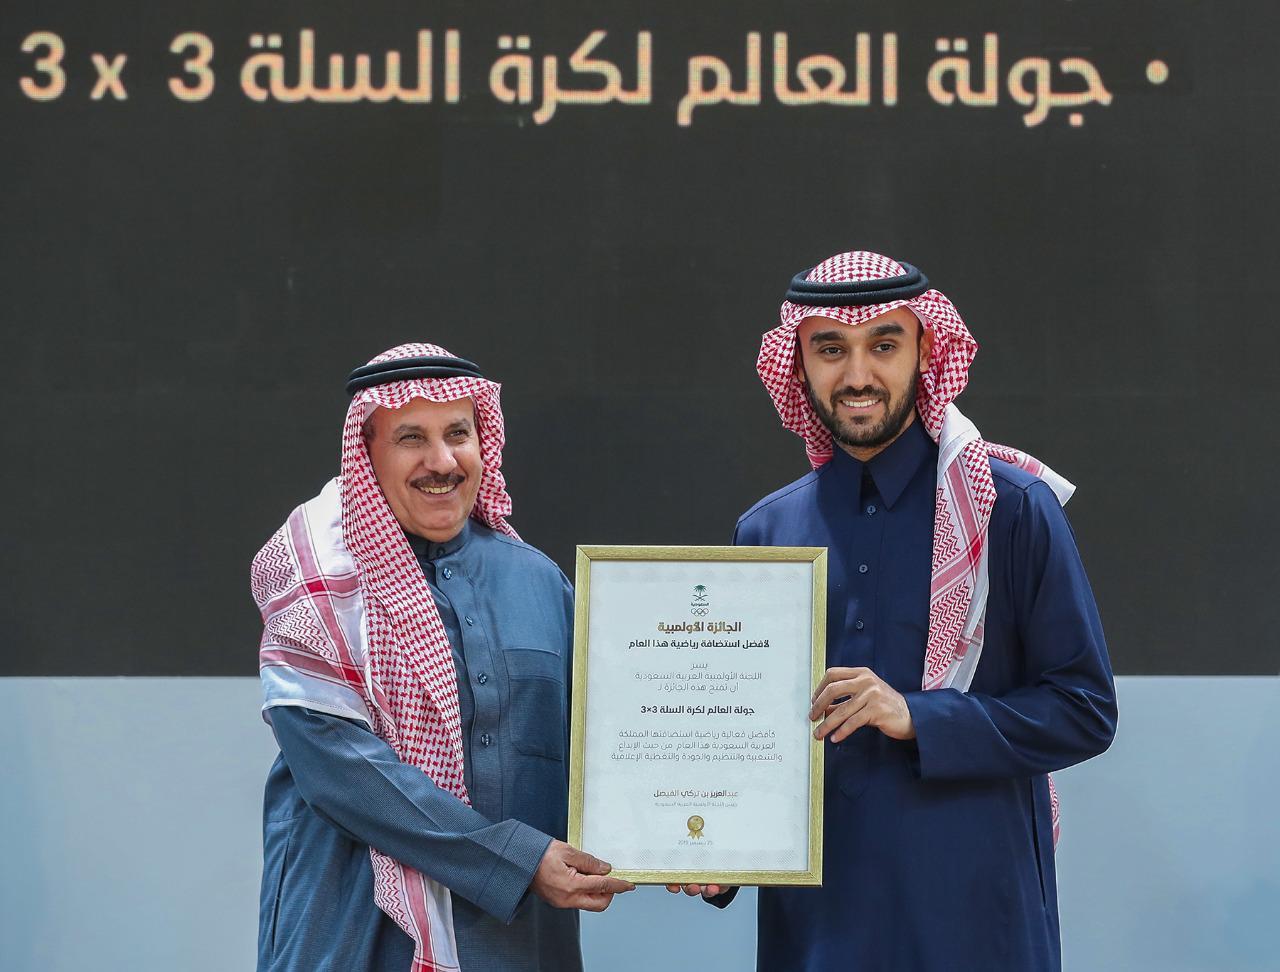 المسعد يقدم شكره للأمير عبدالعزيز بن تركي لتكريمه الاتحادات الرياضية